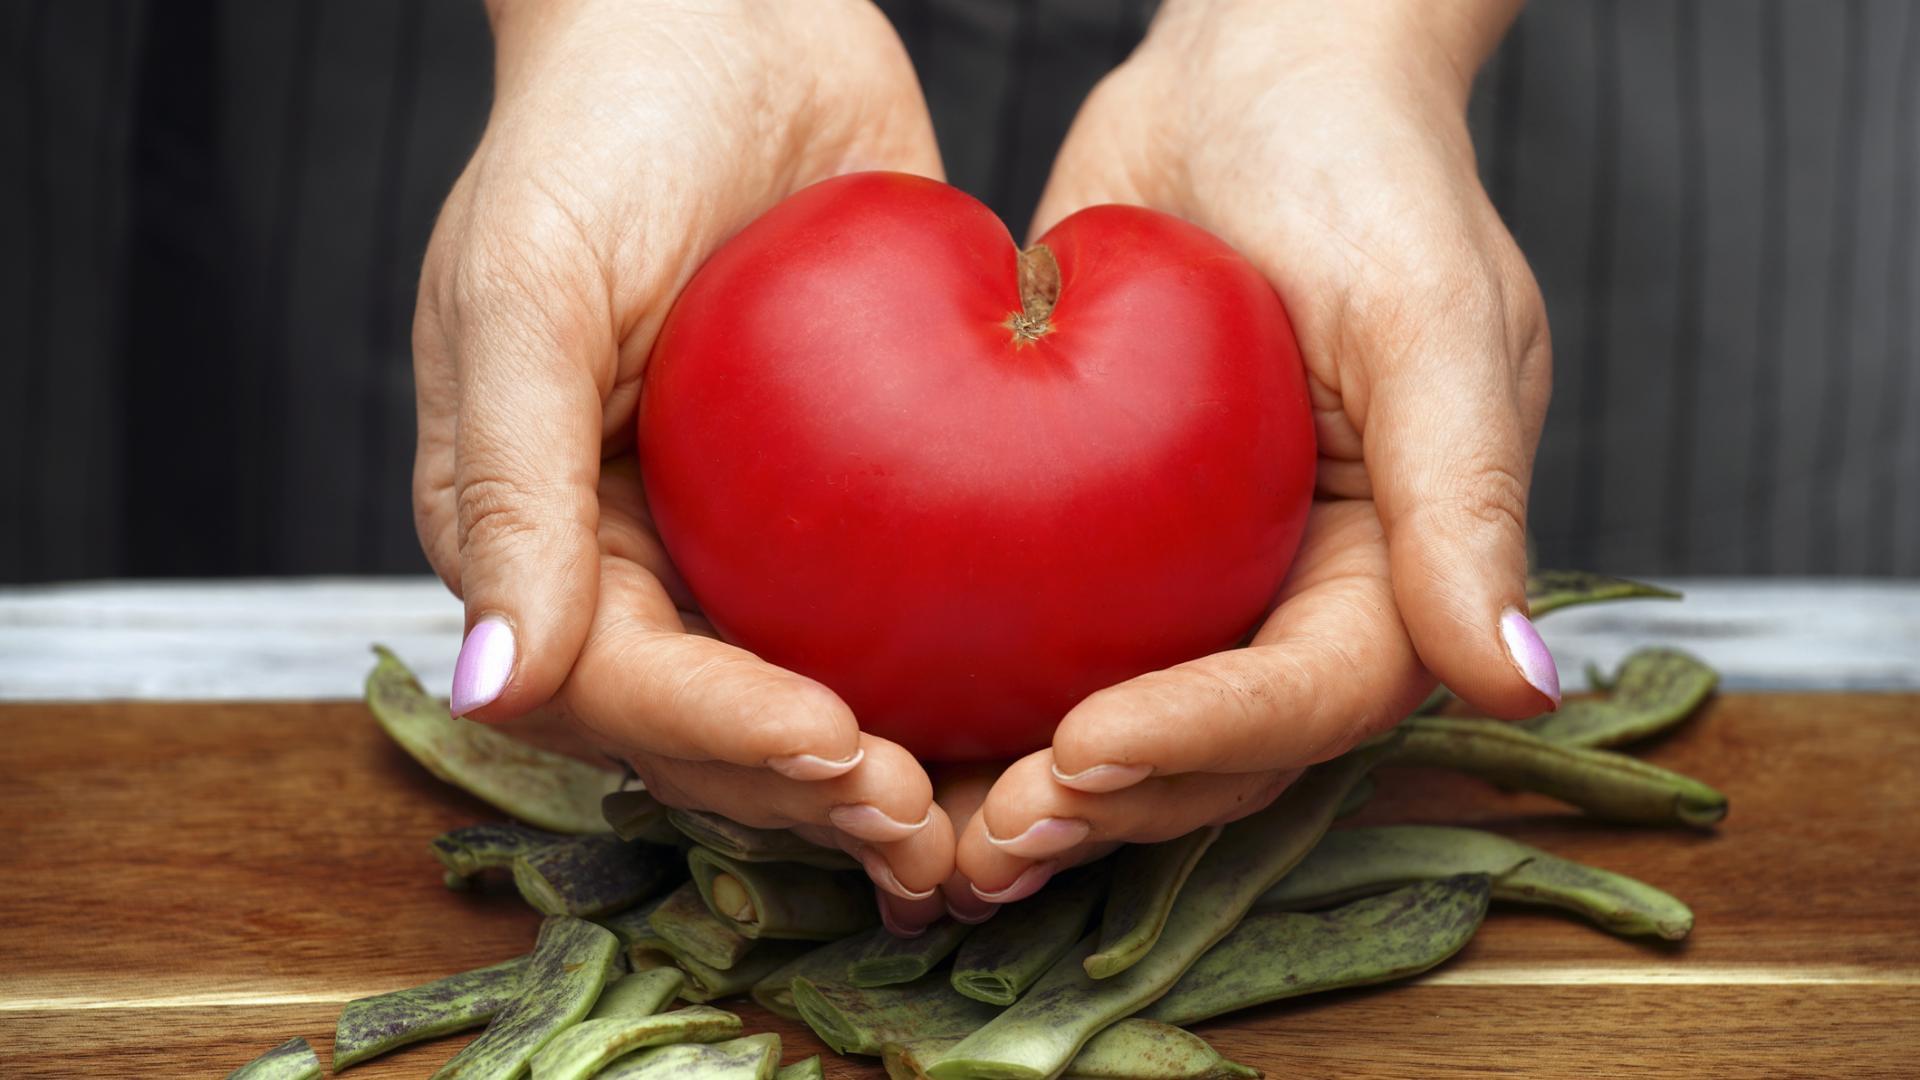 Tomate in Händen herzförmig